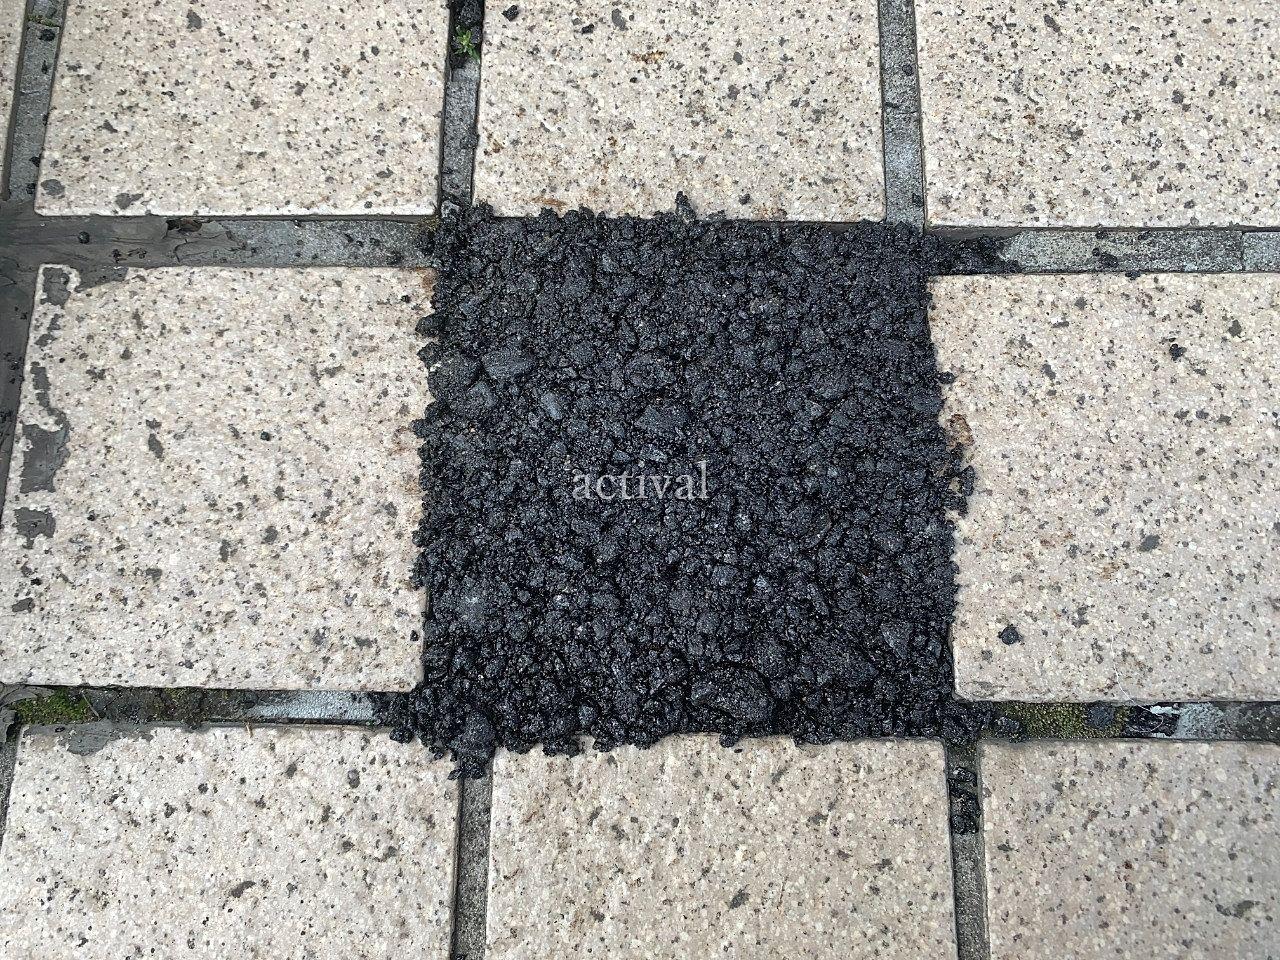 ア・ス・ヴェルデⅢ前の歩道のタイルを補修しました。